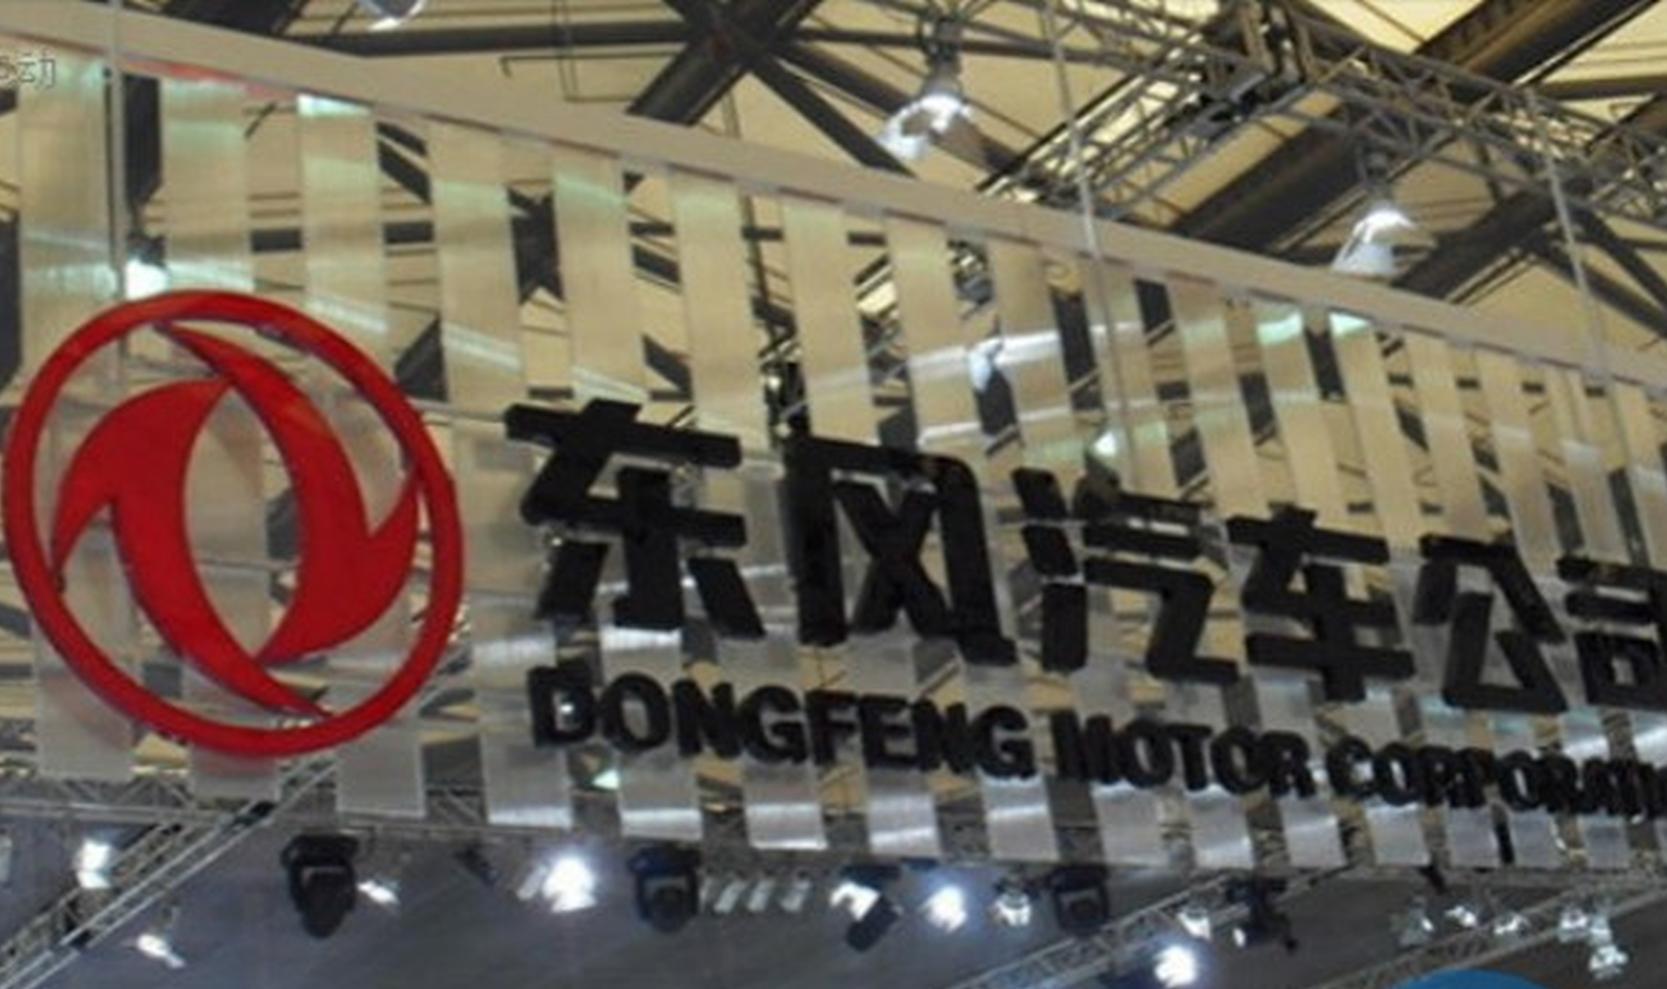 东风去年销量下滑利润增长 刘卫东称公司更看重营收与利润